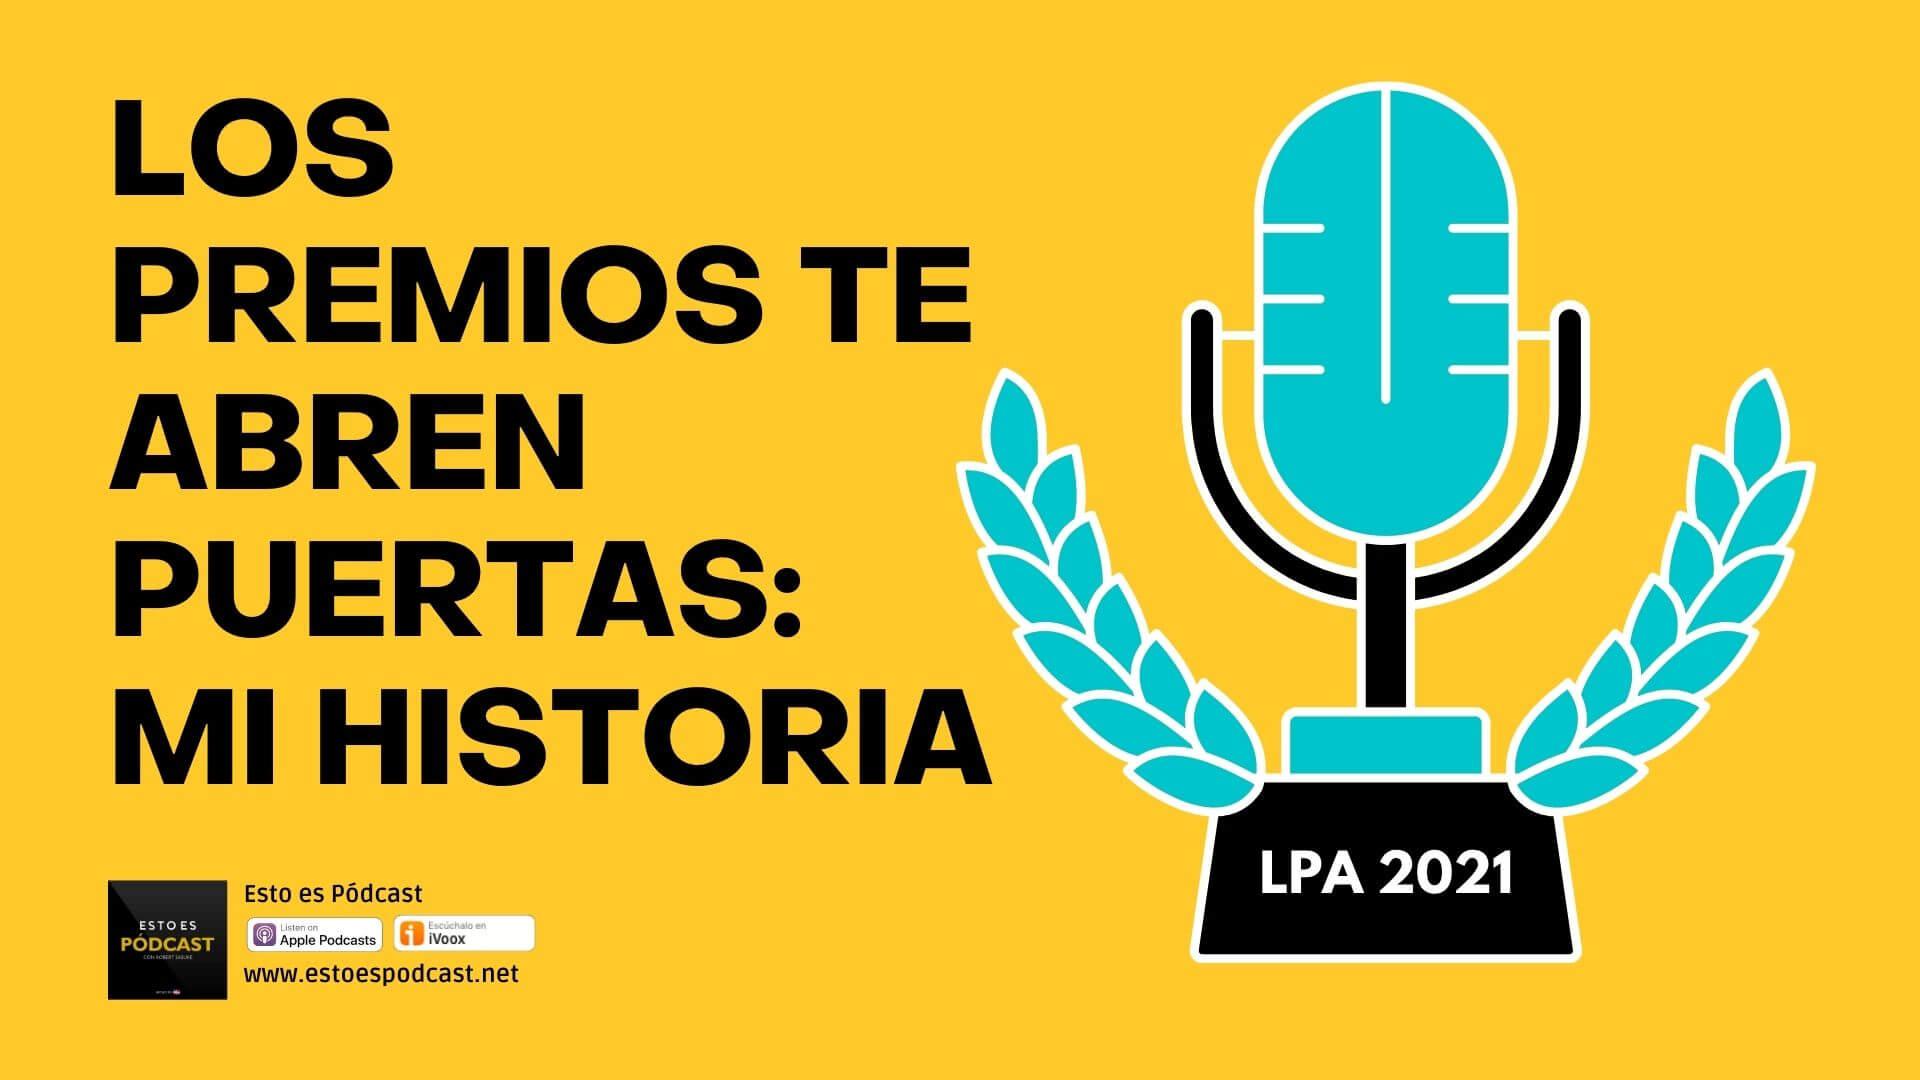 Participar en Premiaciones con tu podcast te abre puertas: este es mi caso